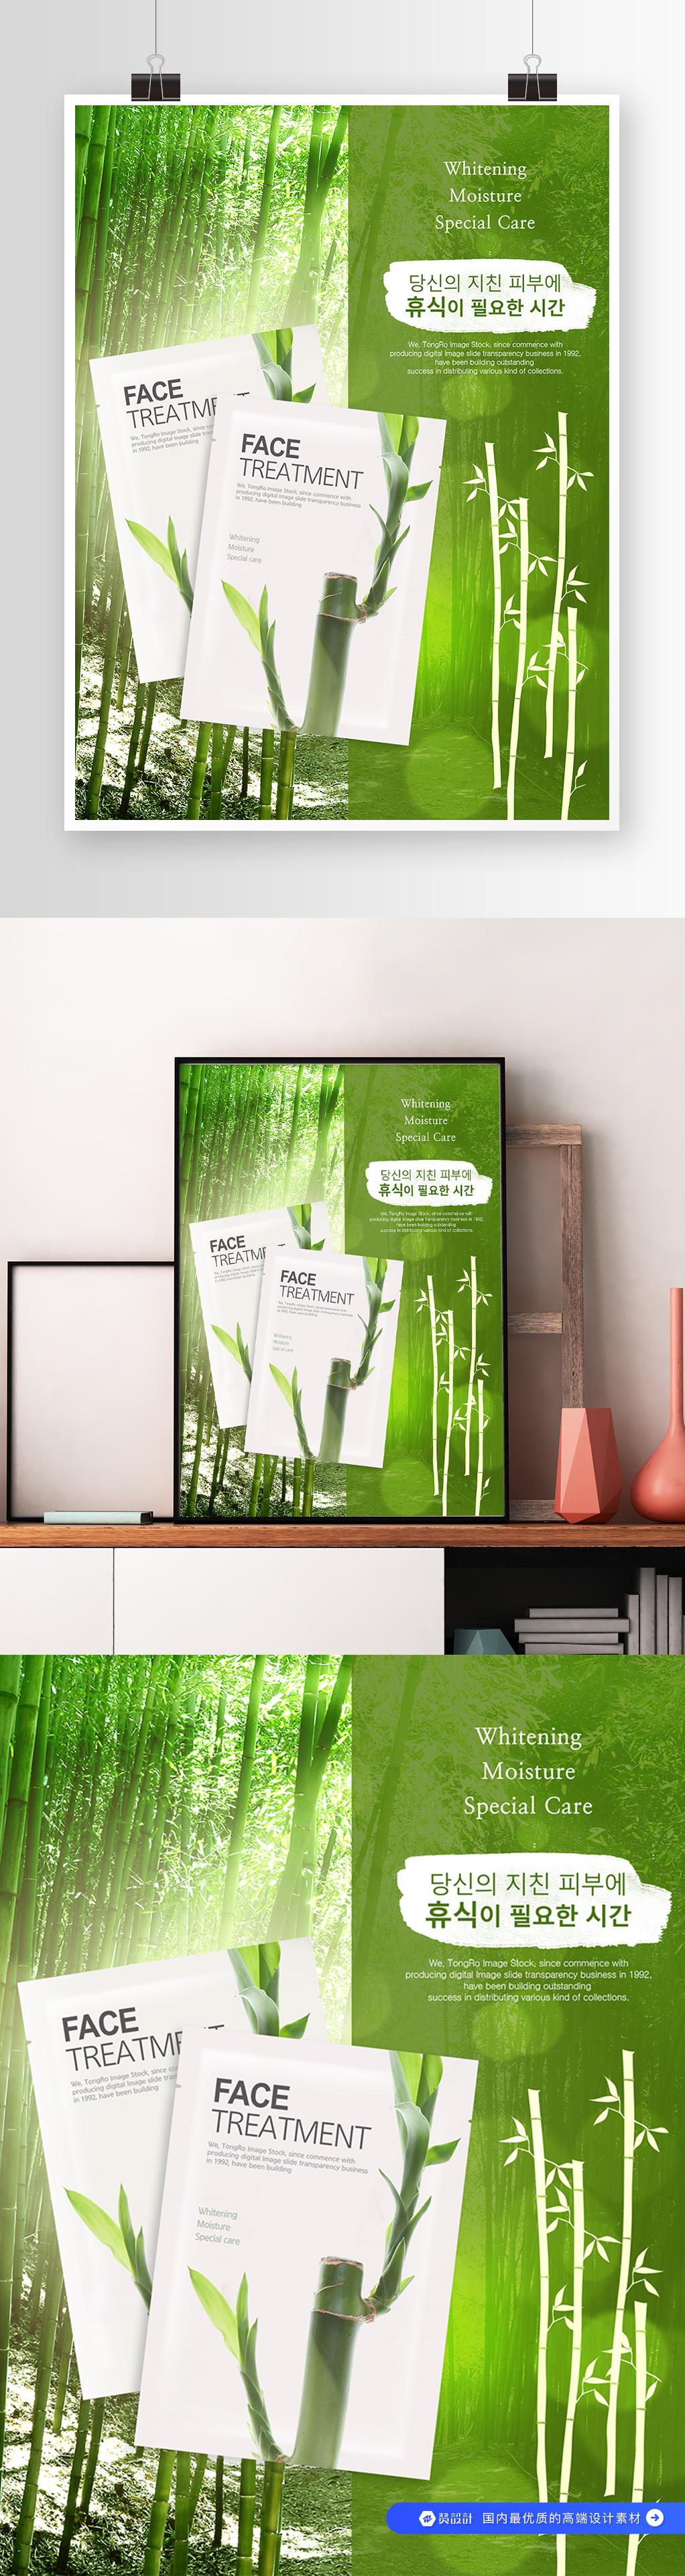 清爽竹子保湿面膜护肤品海报